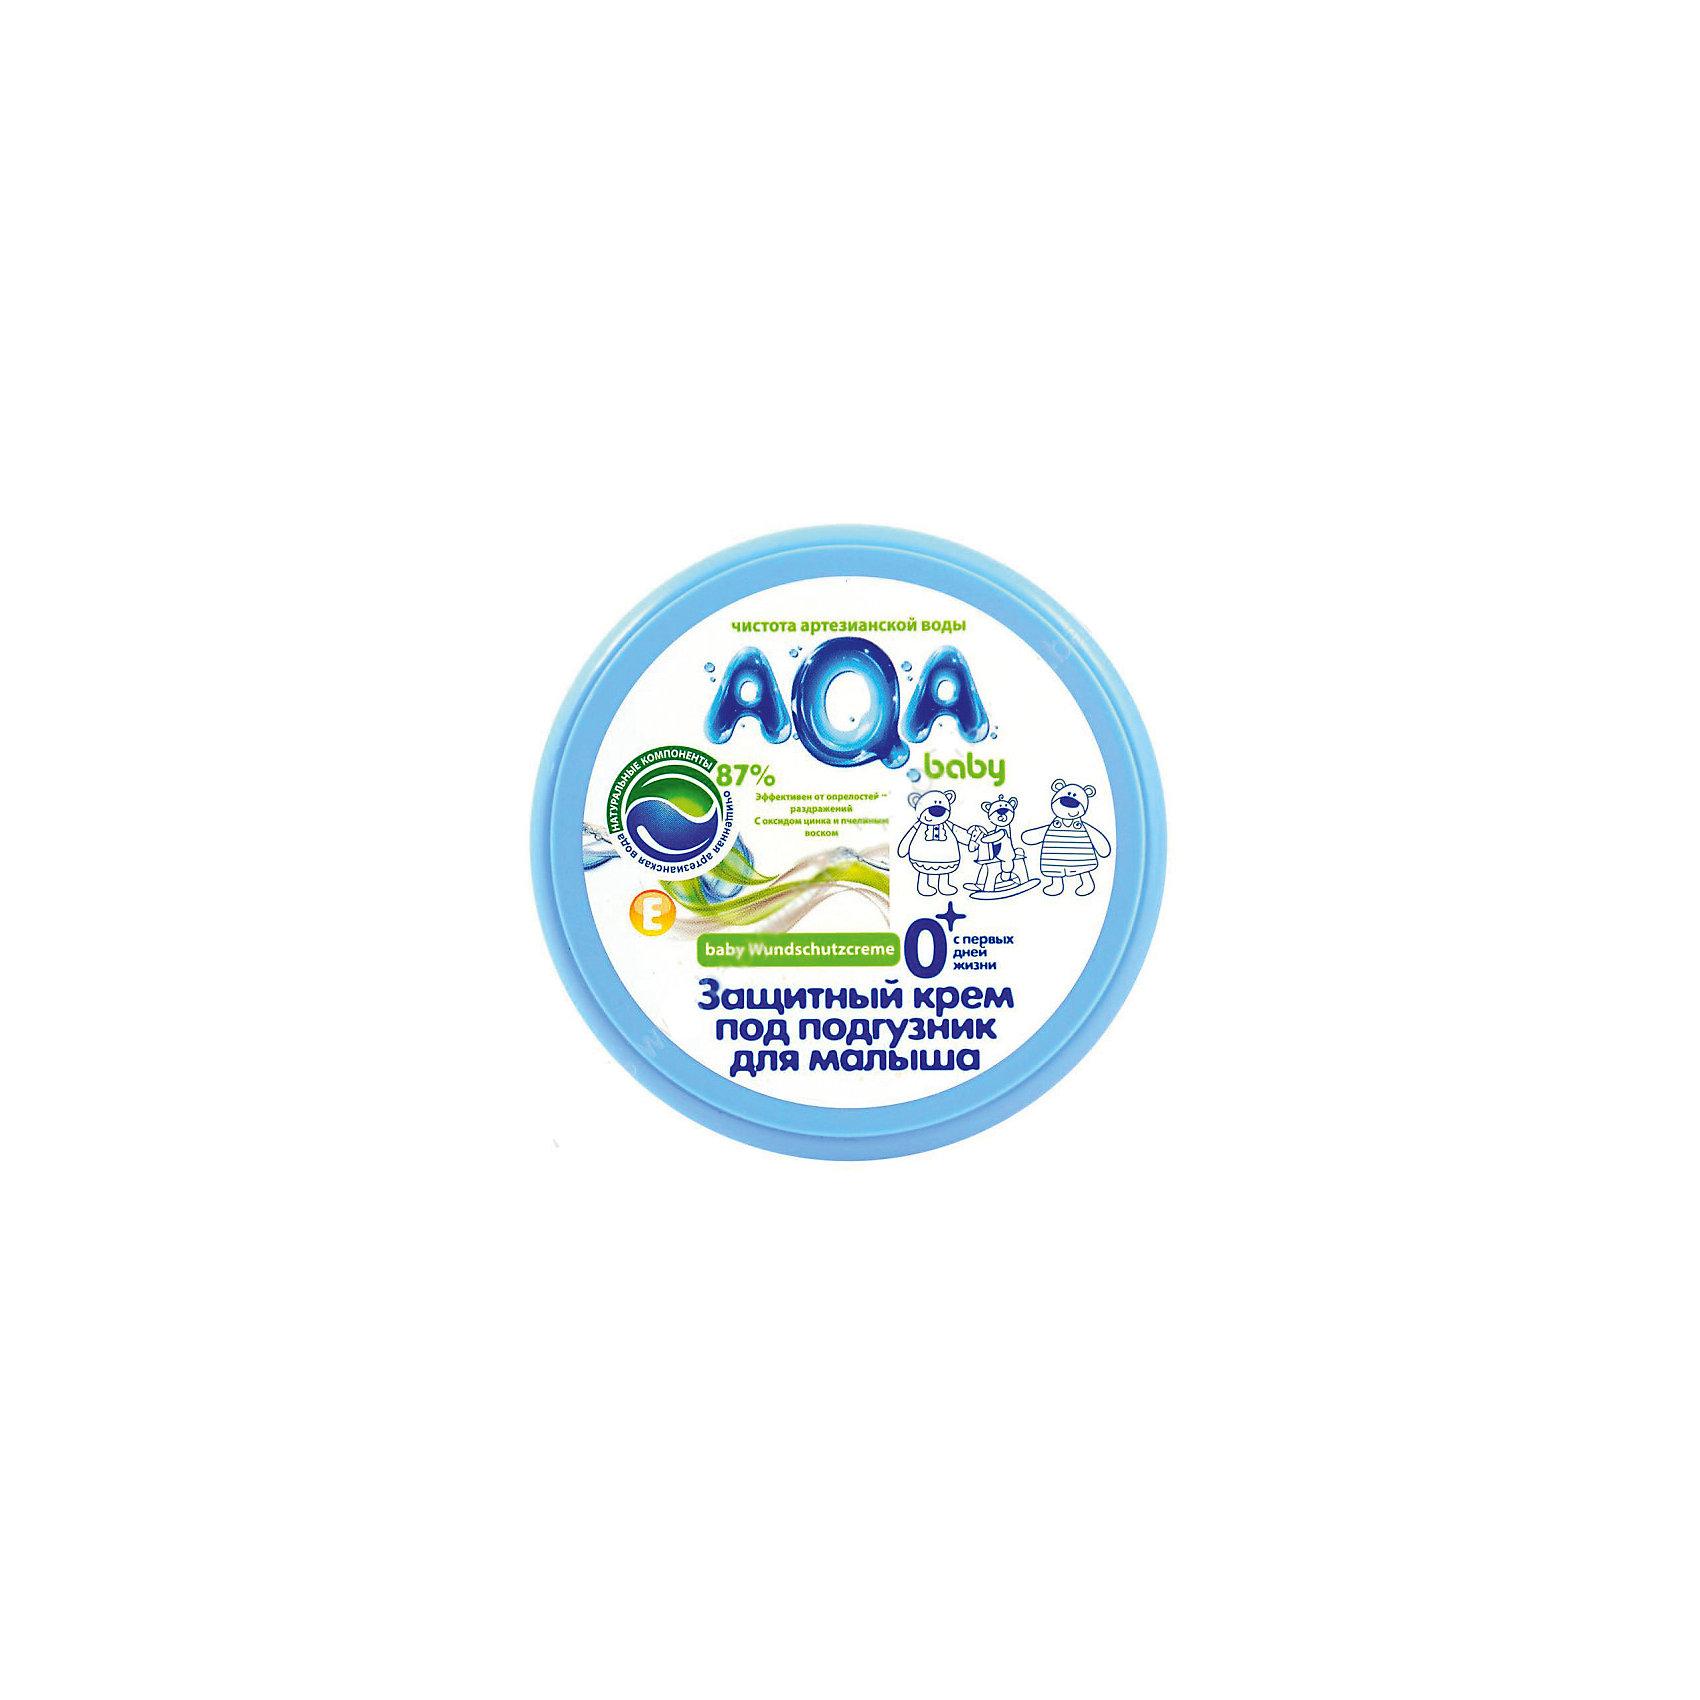 Защитный крем под подгузник для малыша 100 мл., AQA BABY